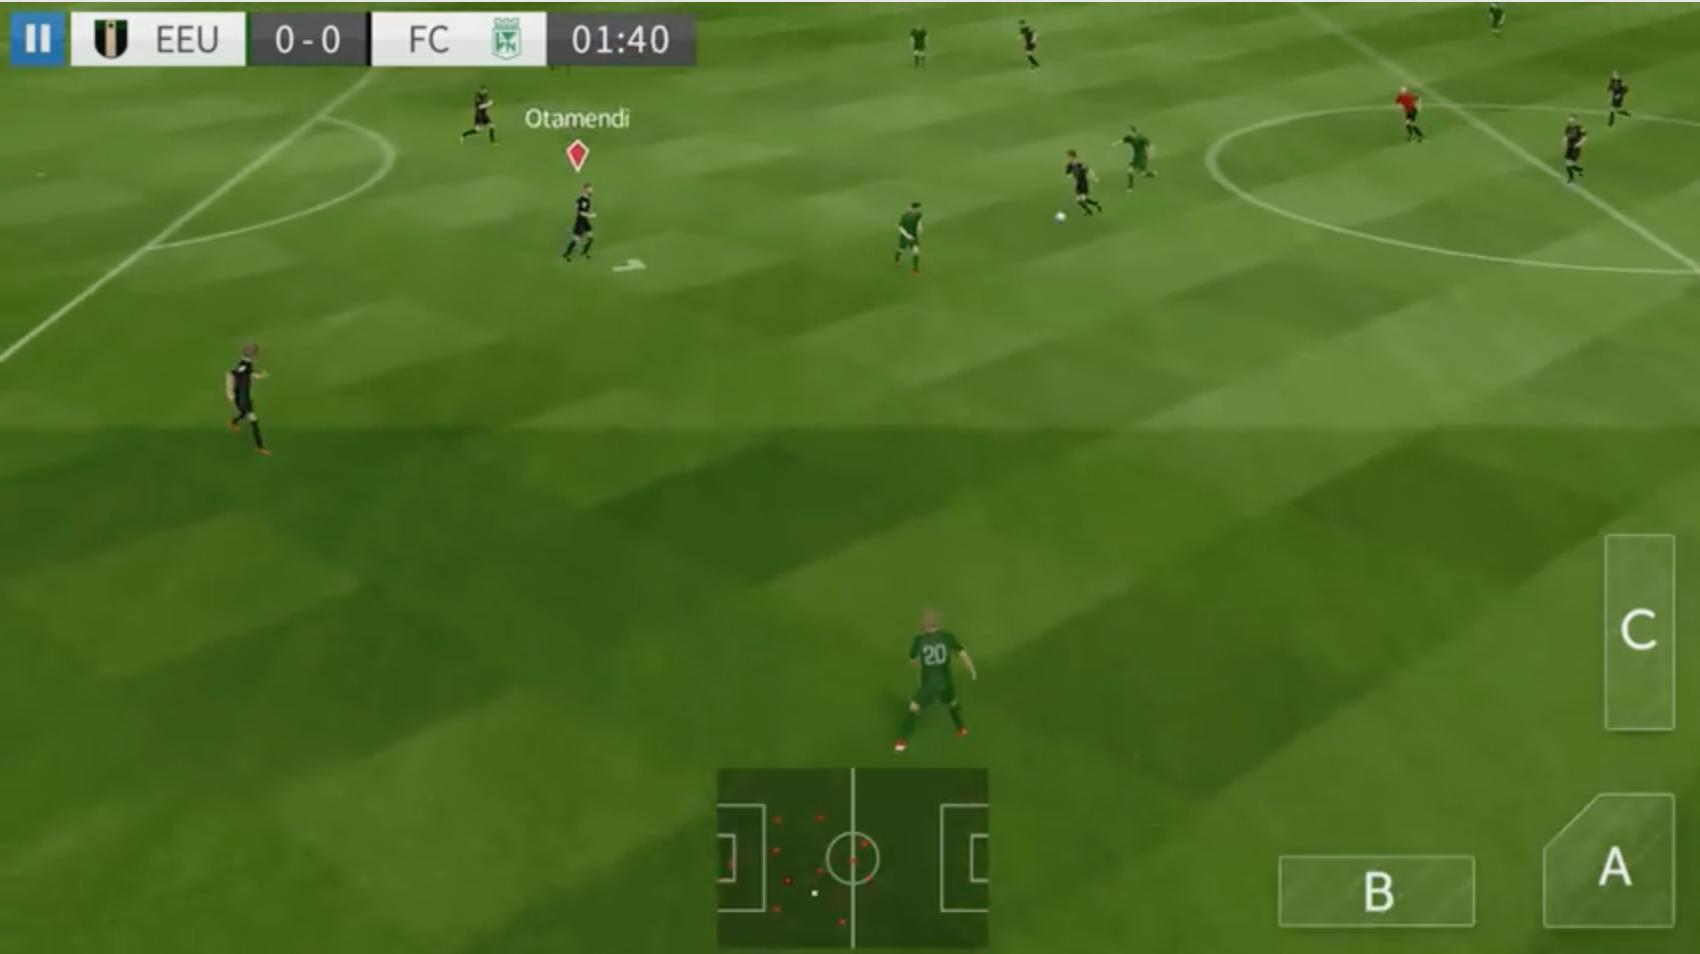 dream league soccer download apk for pc